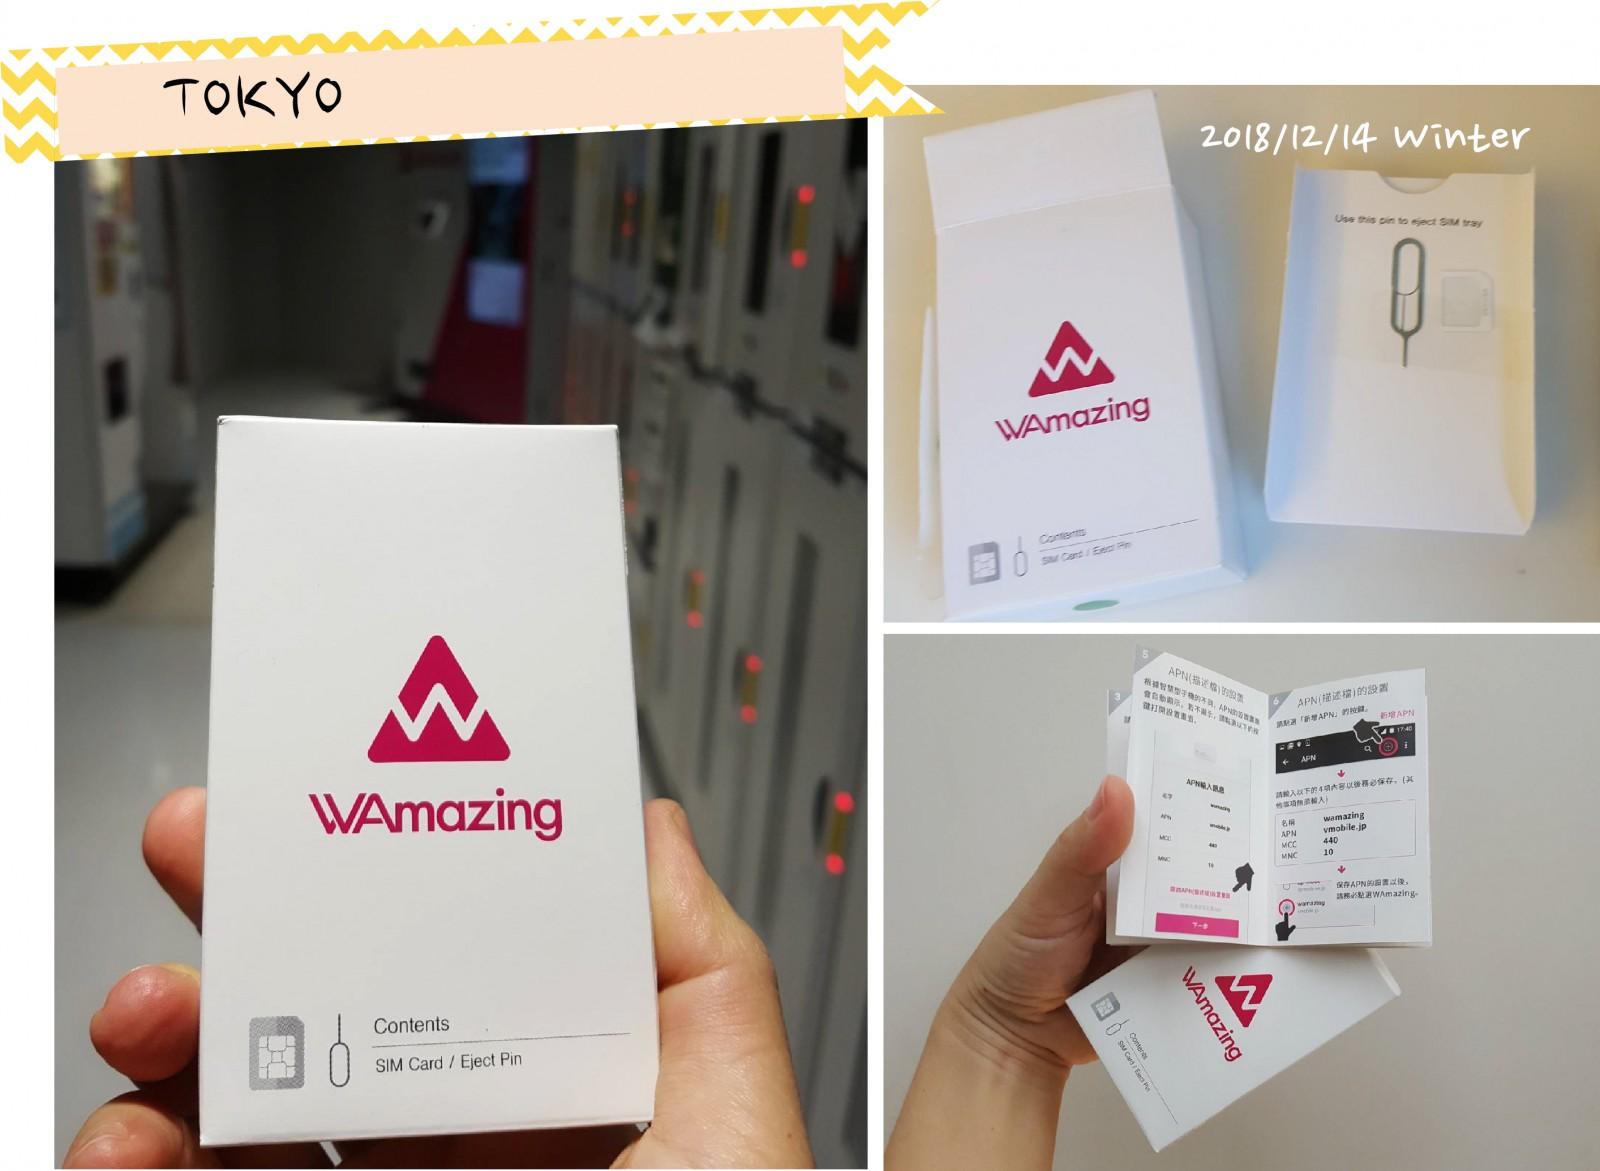 初冬東京自助行4G高速無料網卡體驗!WAmazing&TripFree比較